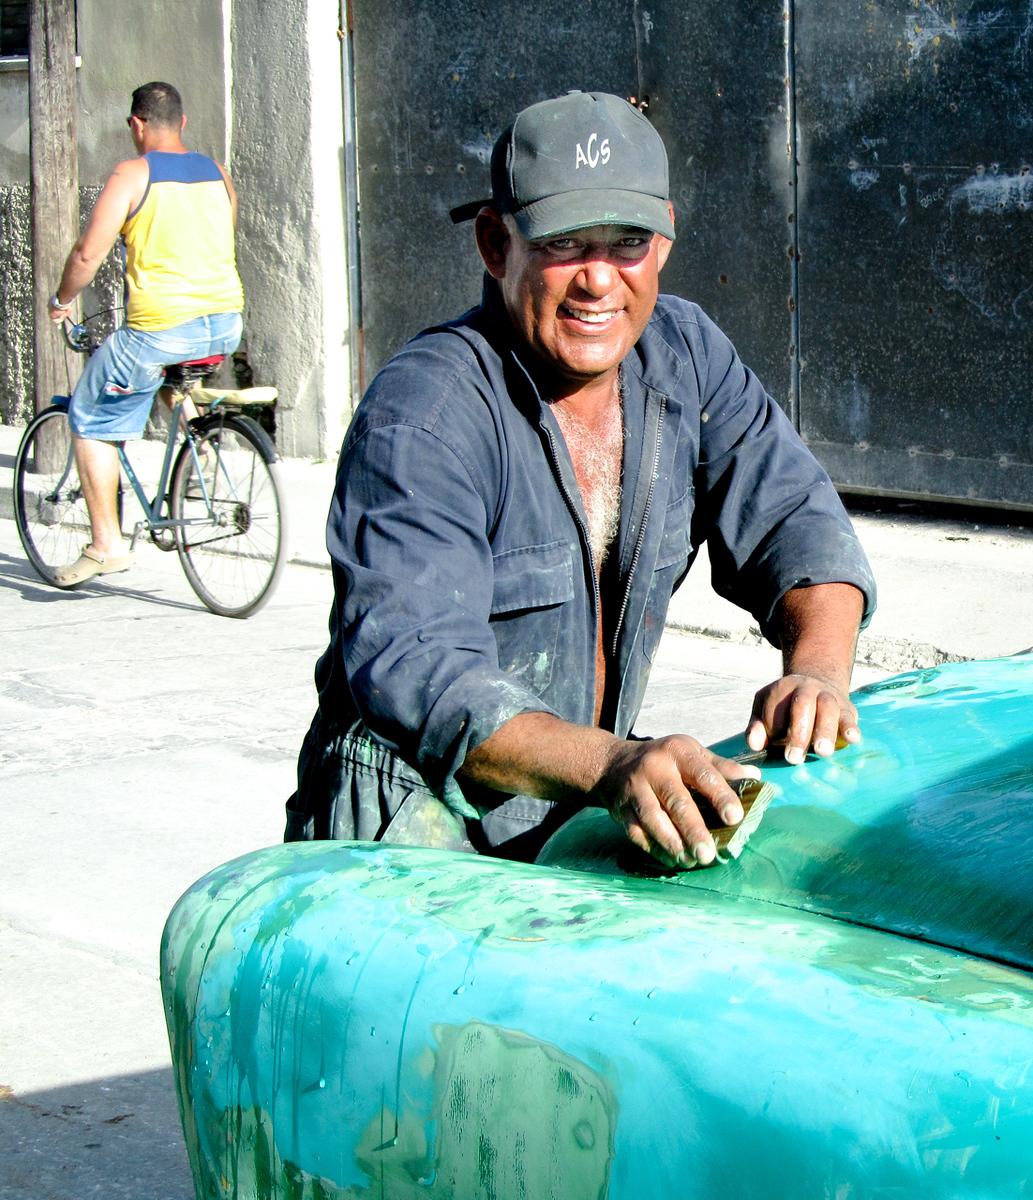 IMAGE: https://photos.smugmug.com/Cuba-2011-/Life/i-h6PLTxT/0/48a286b2/X3/IMG_8228-X3.jpg